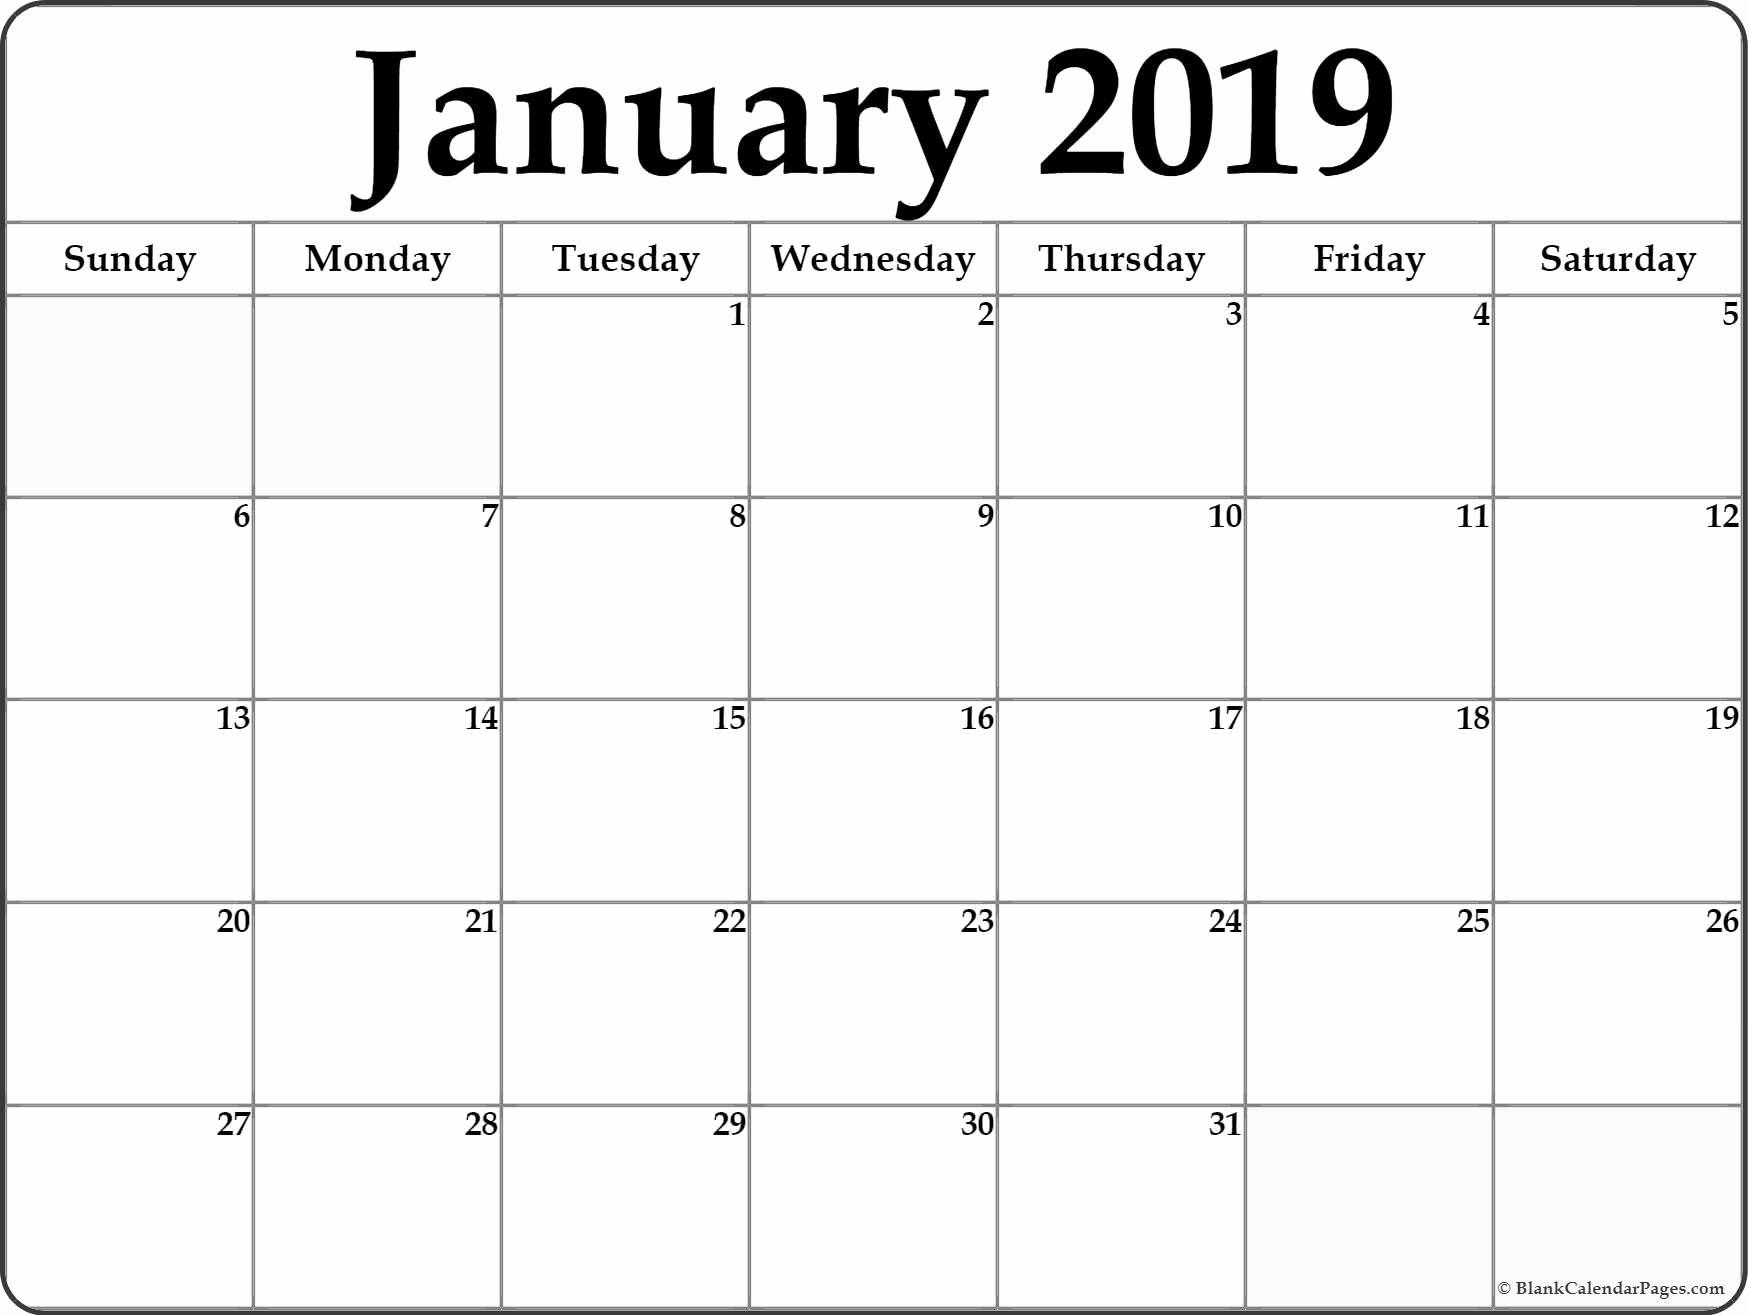 Blank January 2019 Calendar Template Lovely Image Result for Printable 2019 Calendar